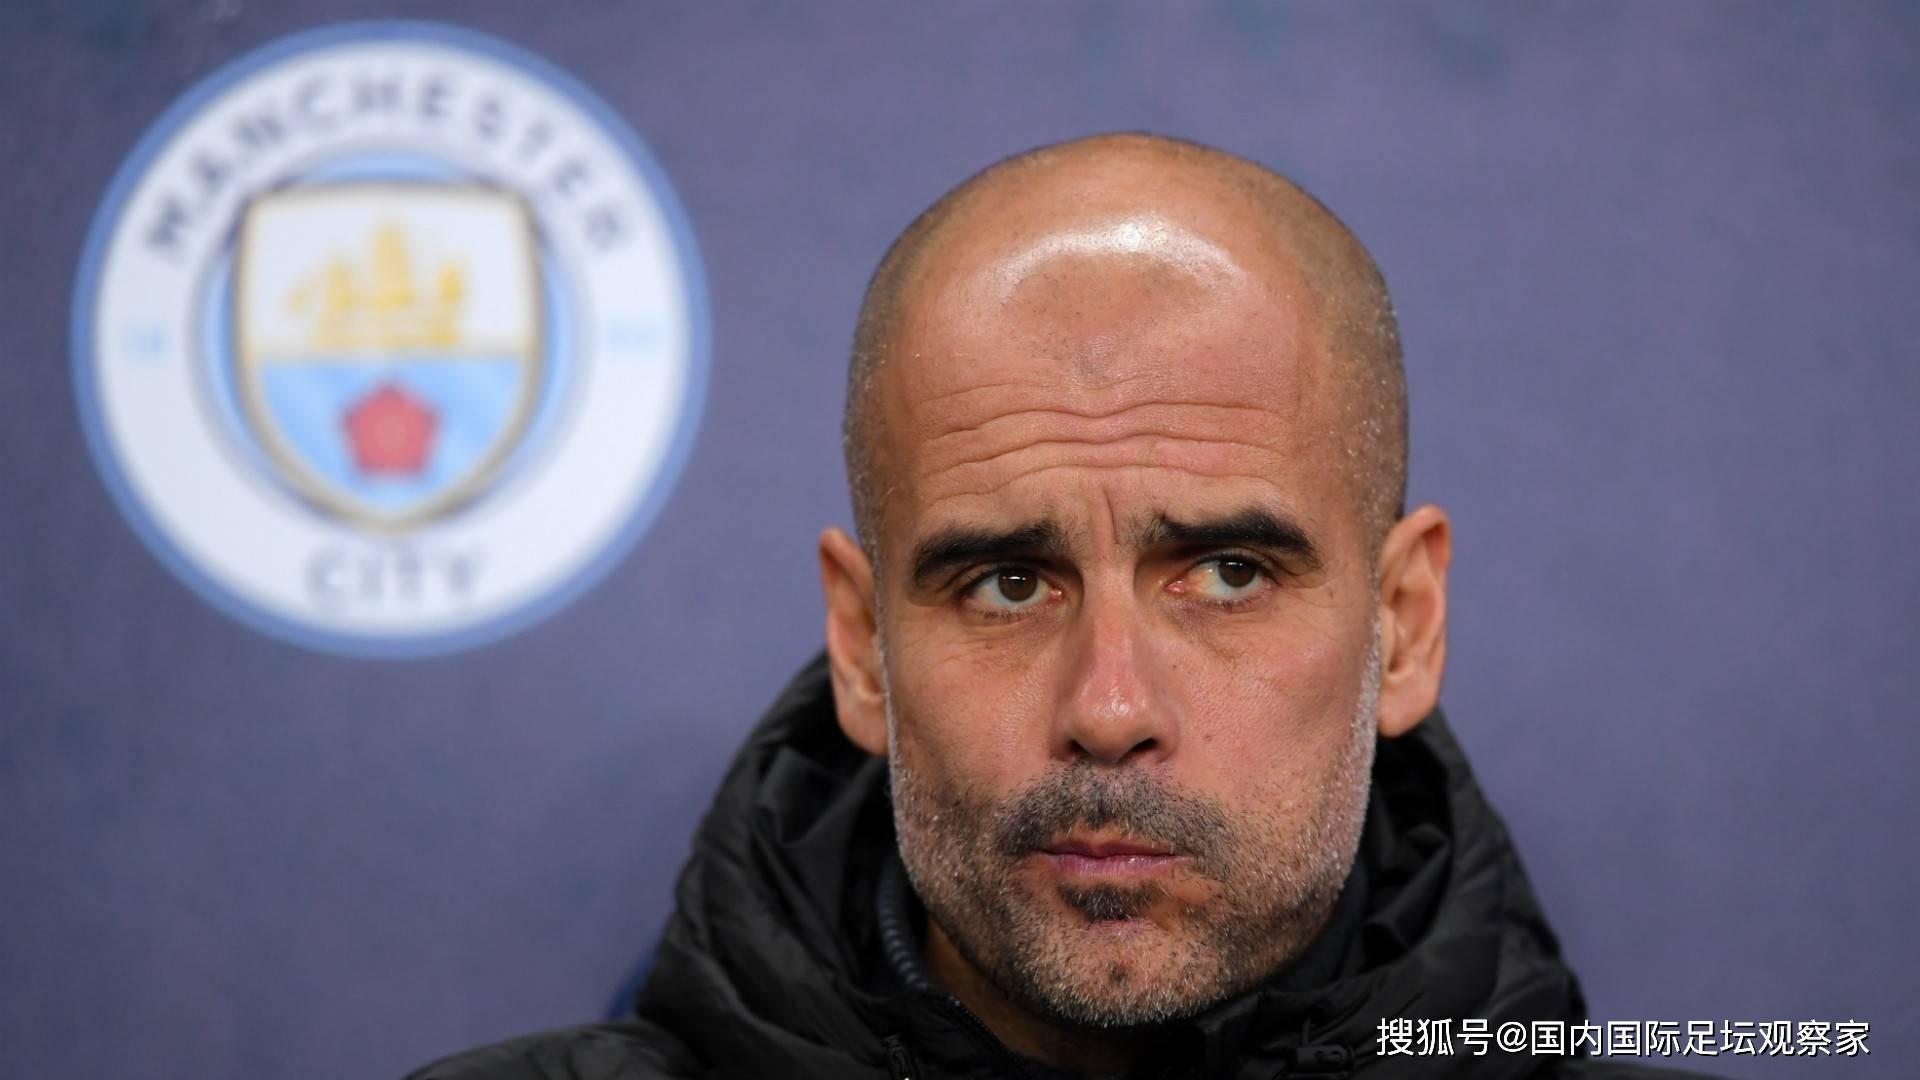 德媒评论:曼城被欧足联禁赛,可能对德甲和